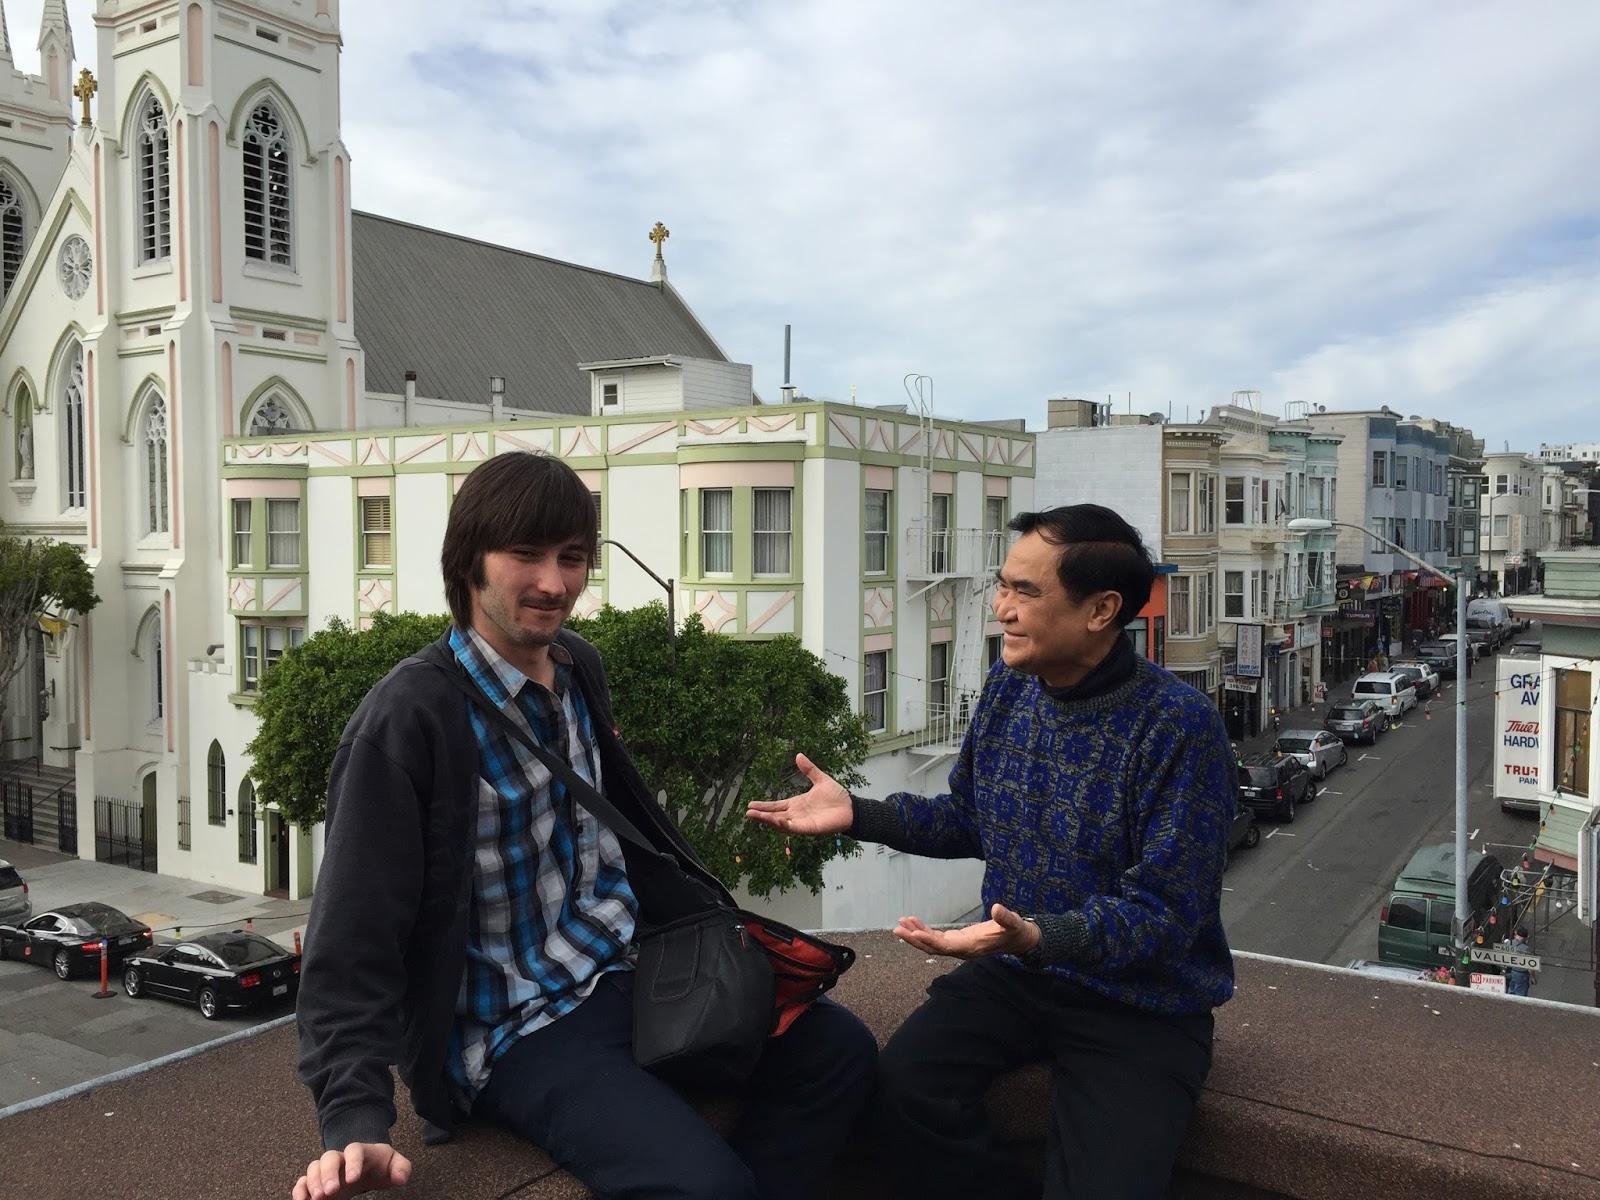 จารุพงศ์ เรืองสุวรรณ เลขาธิการองค์การเสรีไทยฯ ให้สัมภาษณ์ผู้สื่อข่าวชาวฝรั่งเศส